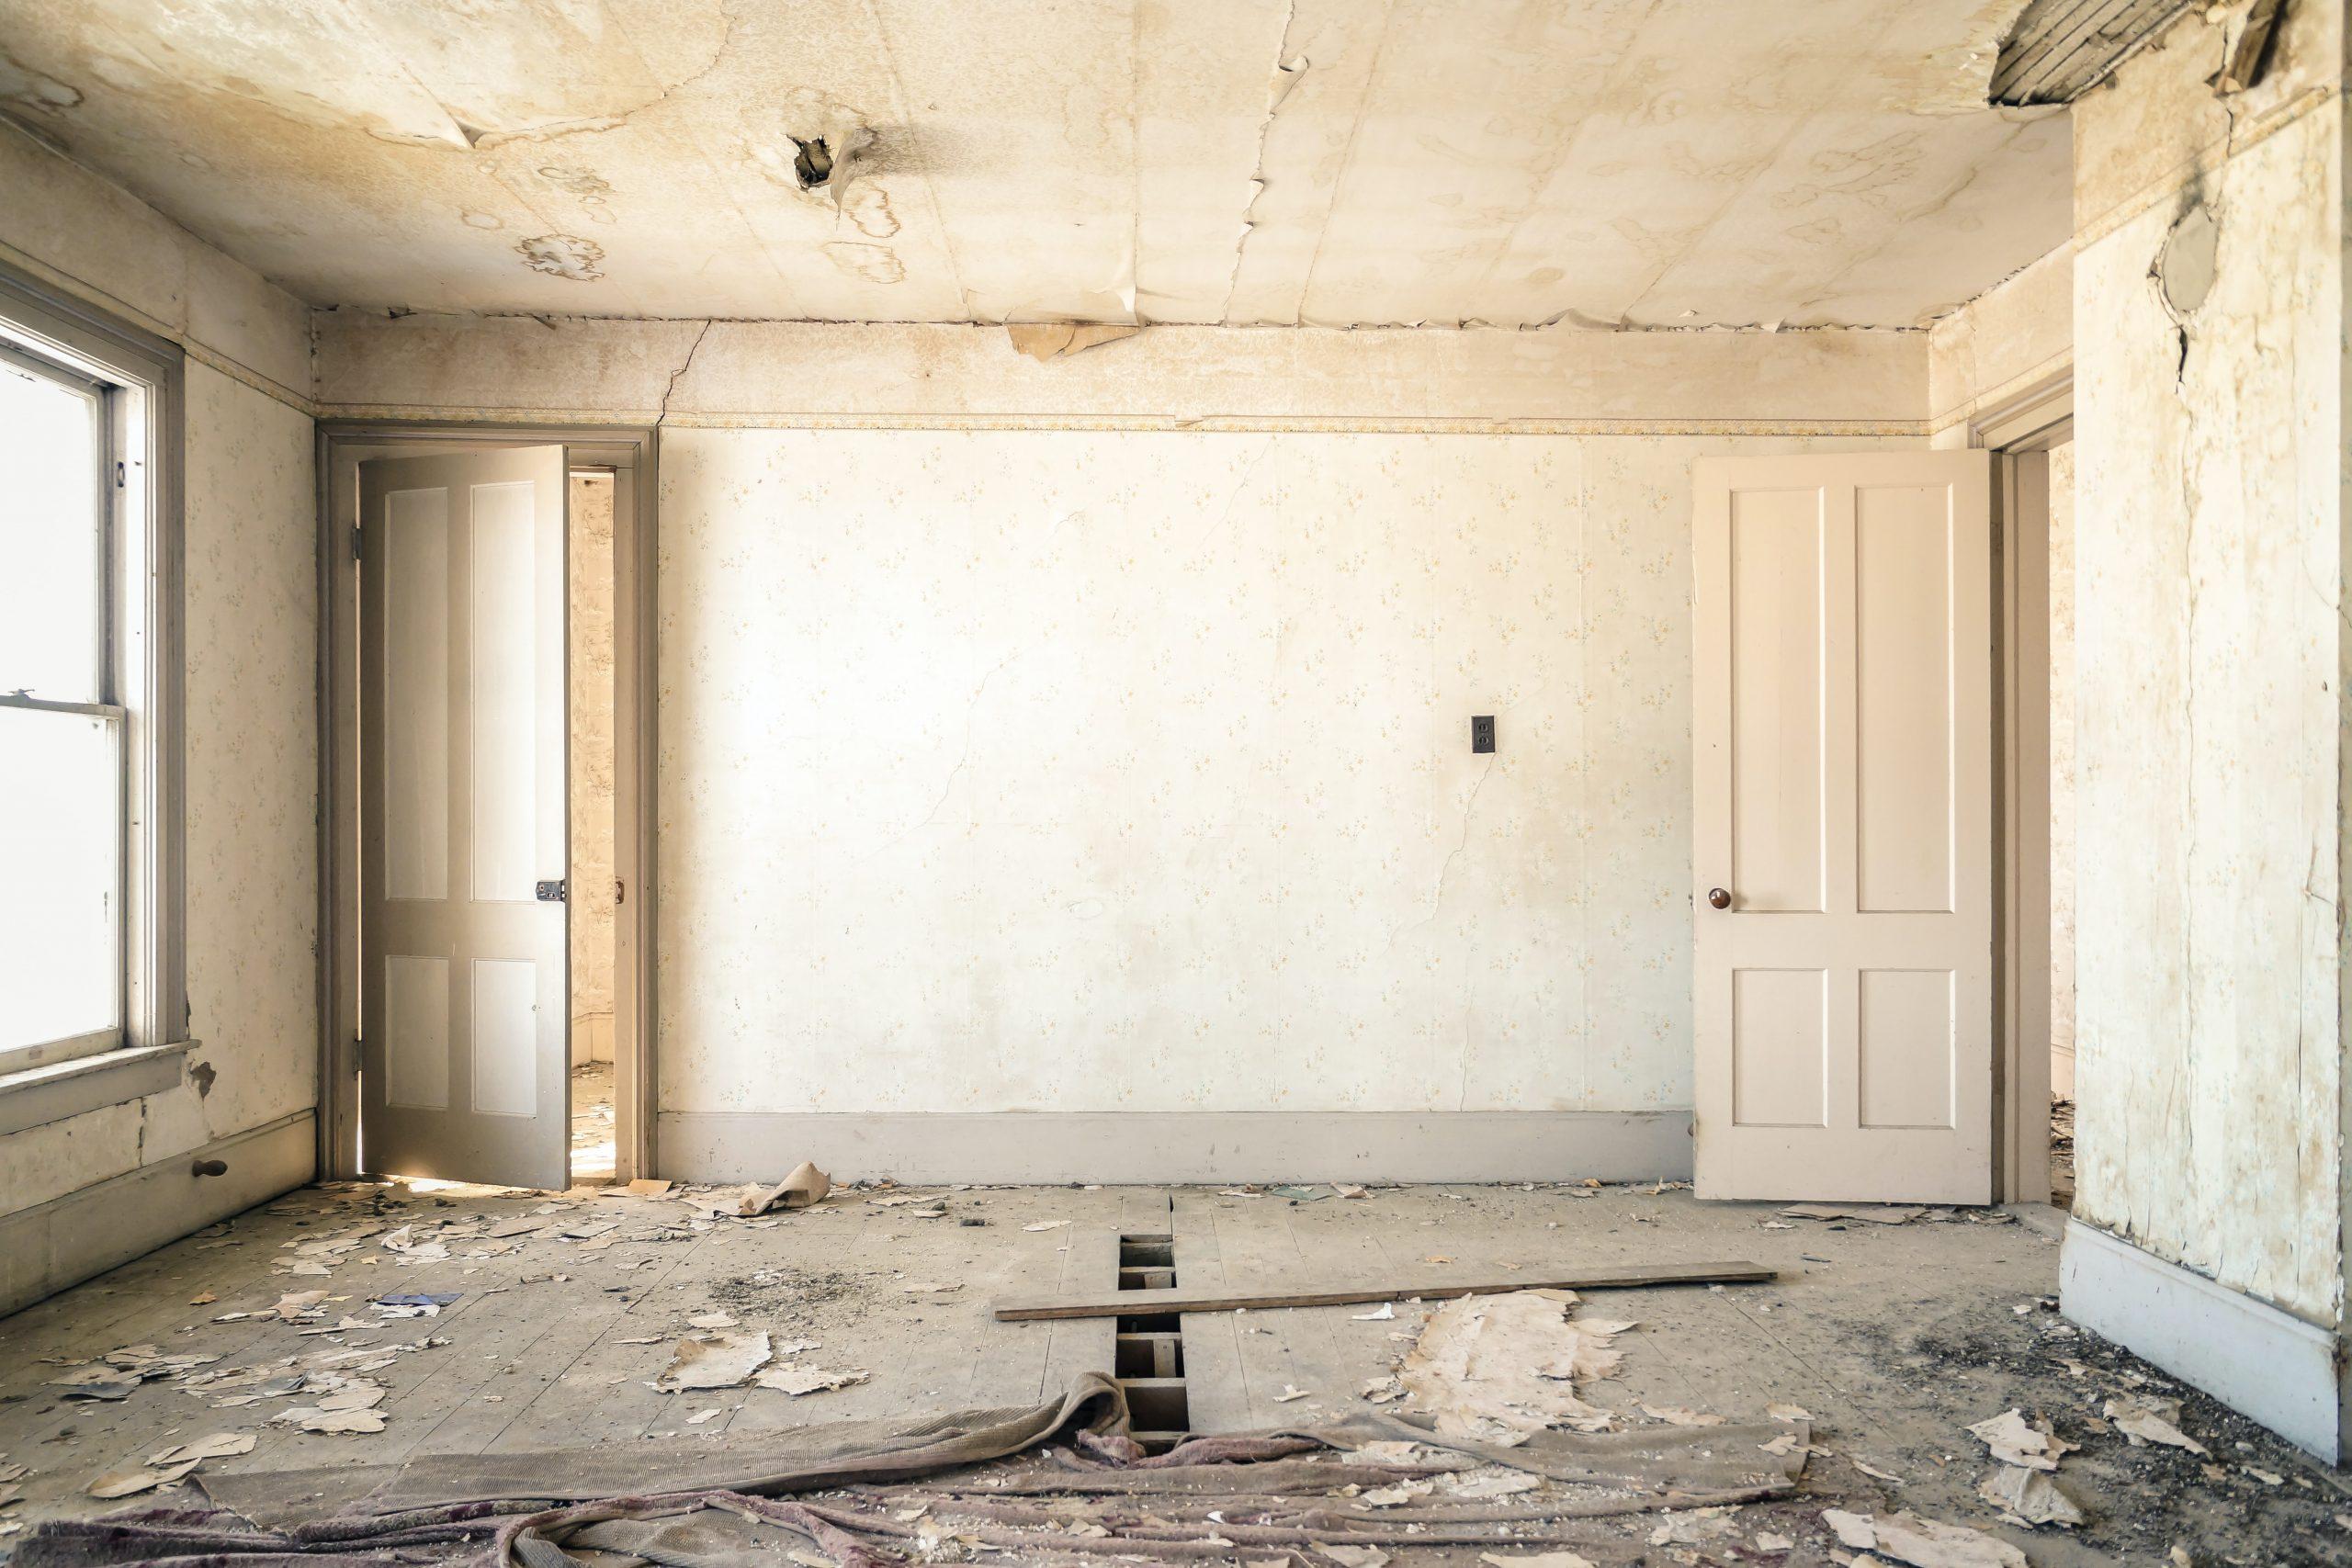 Die Chance in der Krise – längst überfällige Renovierungen trotz fehlendem Einkommen